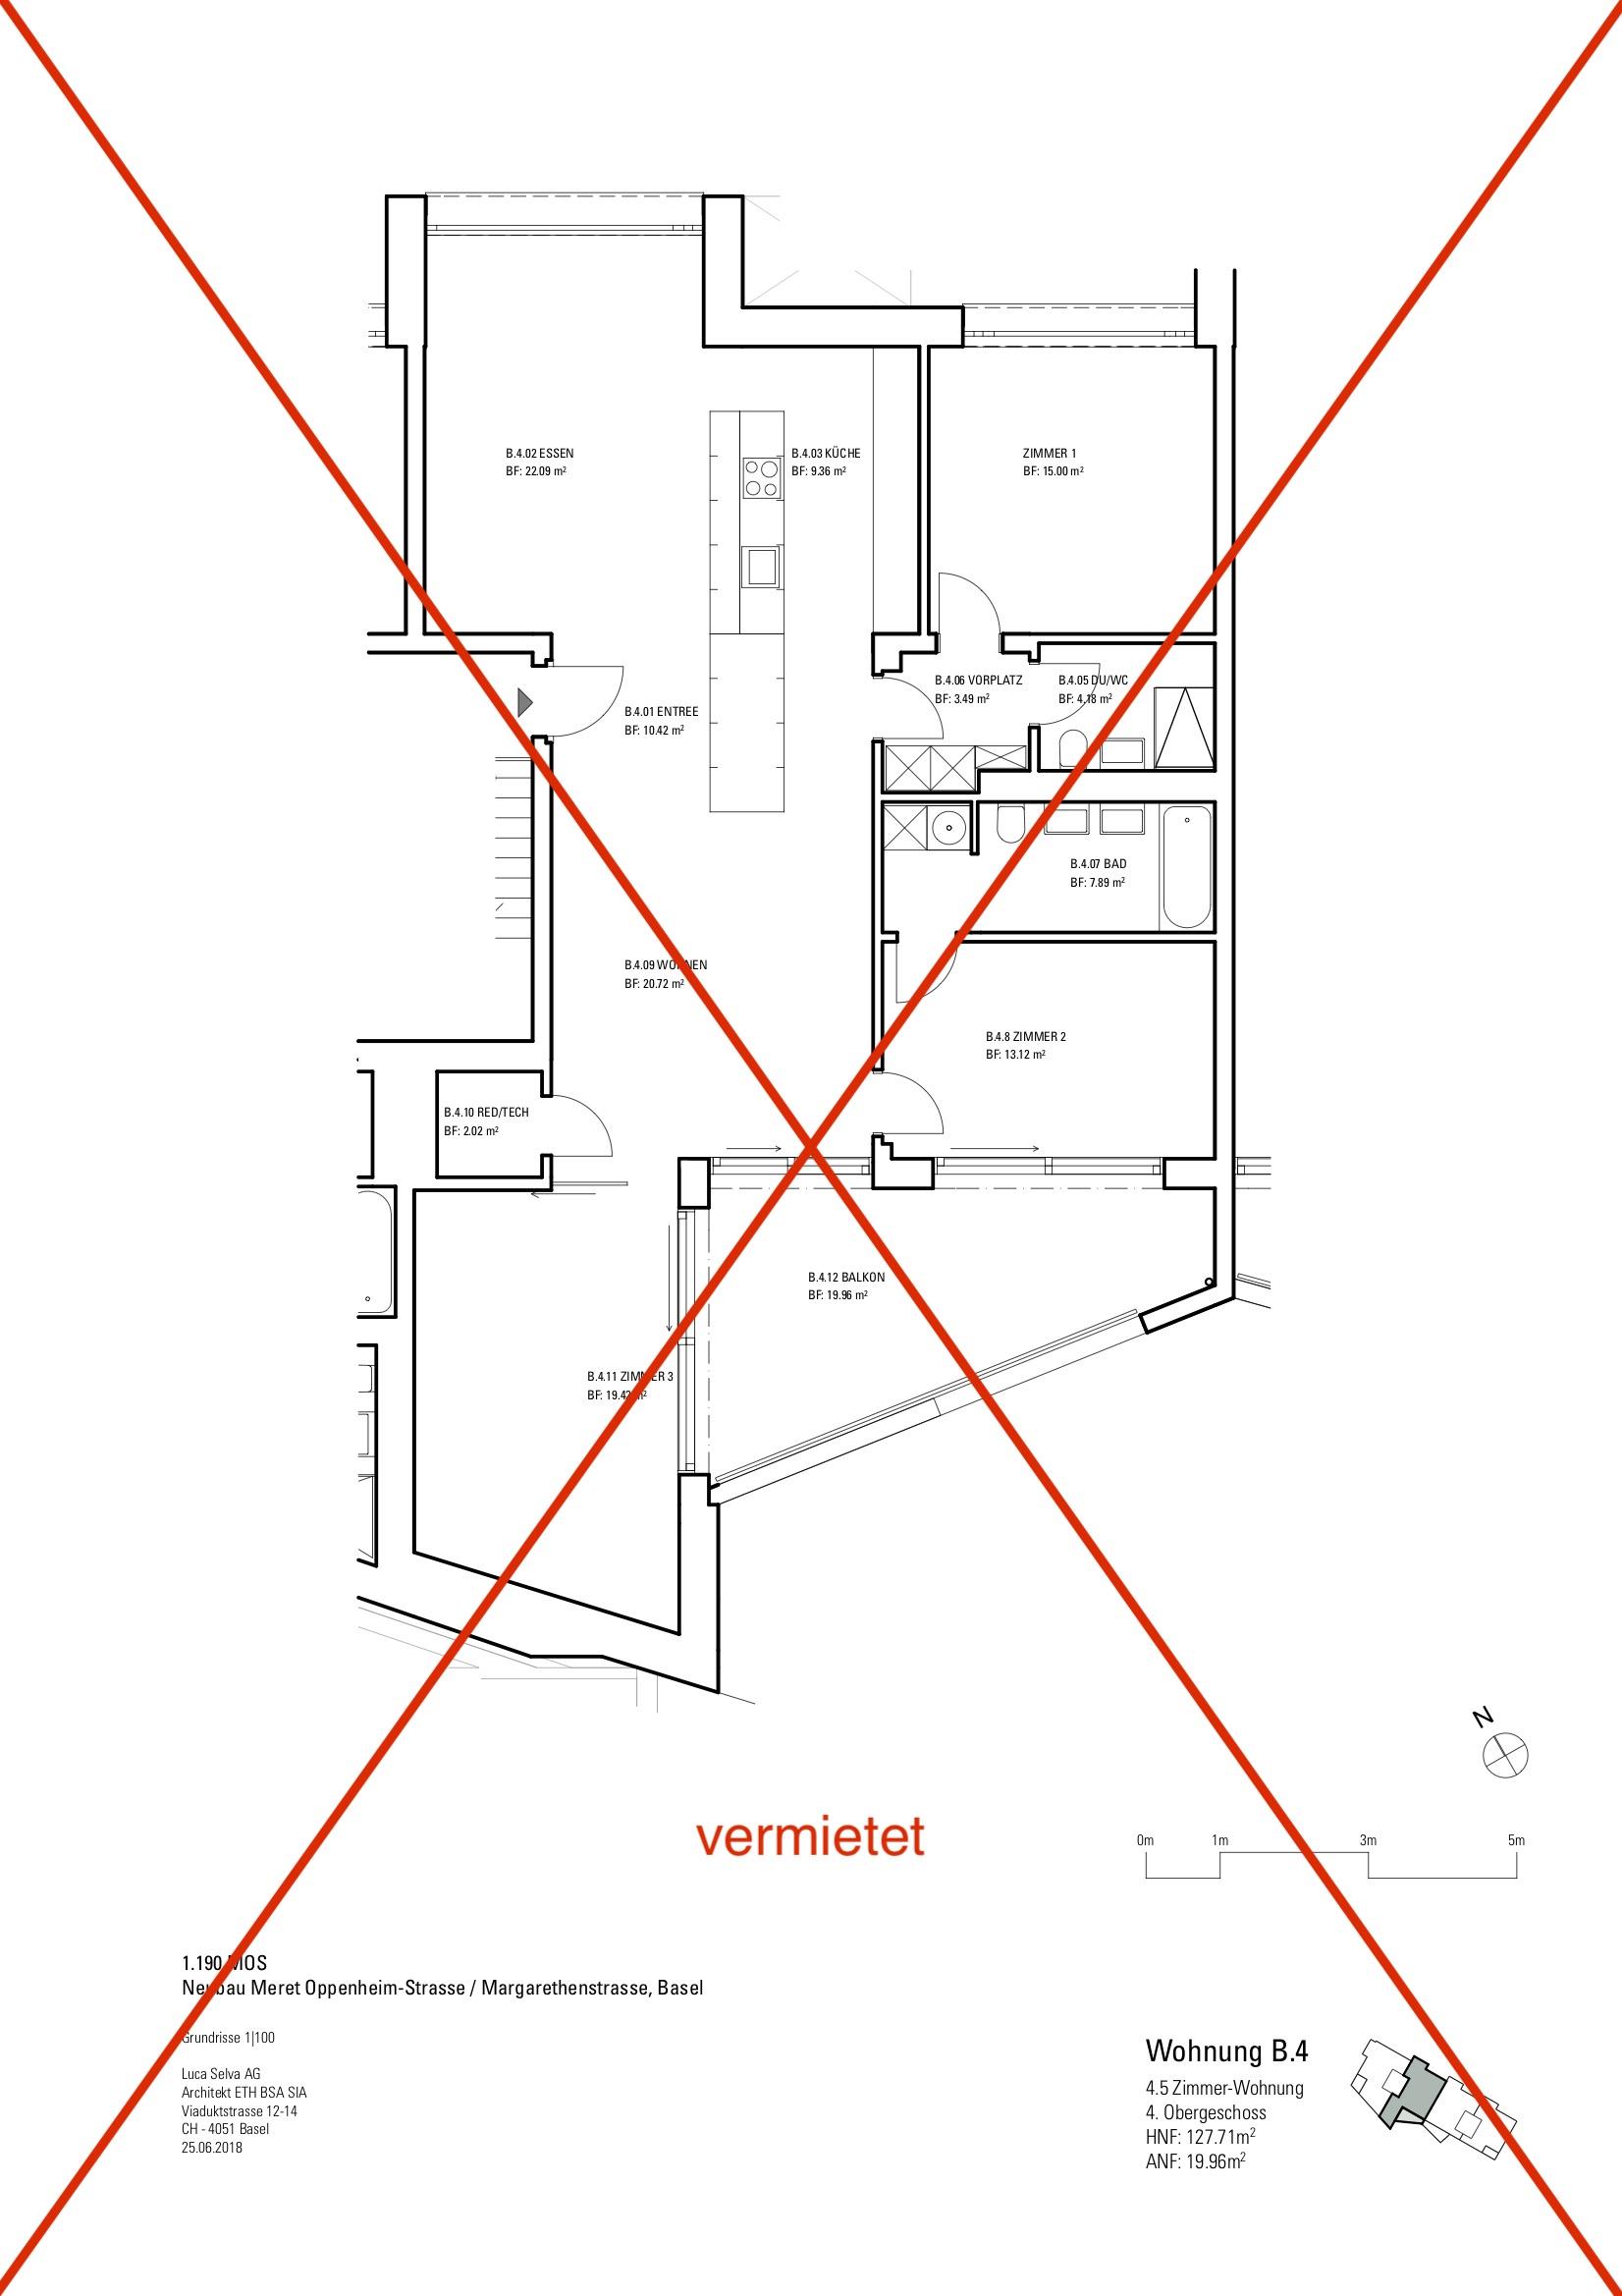 Wohnung B4 vermietet.jpg